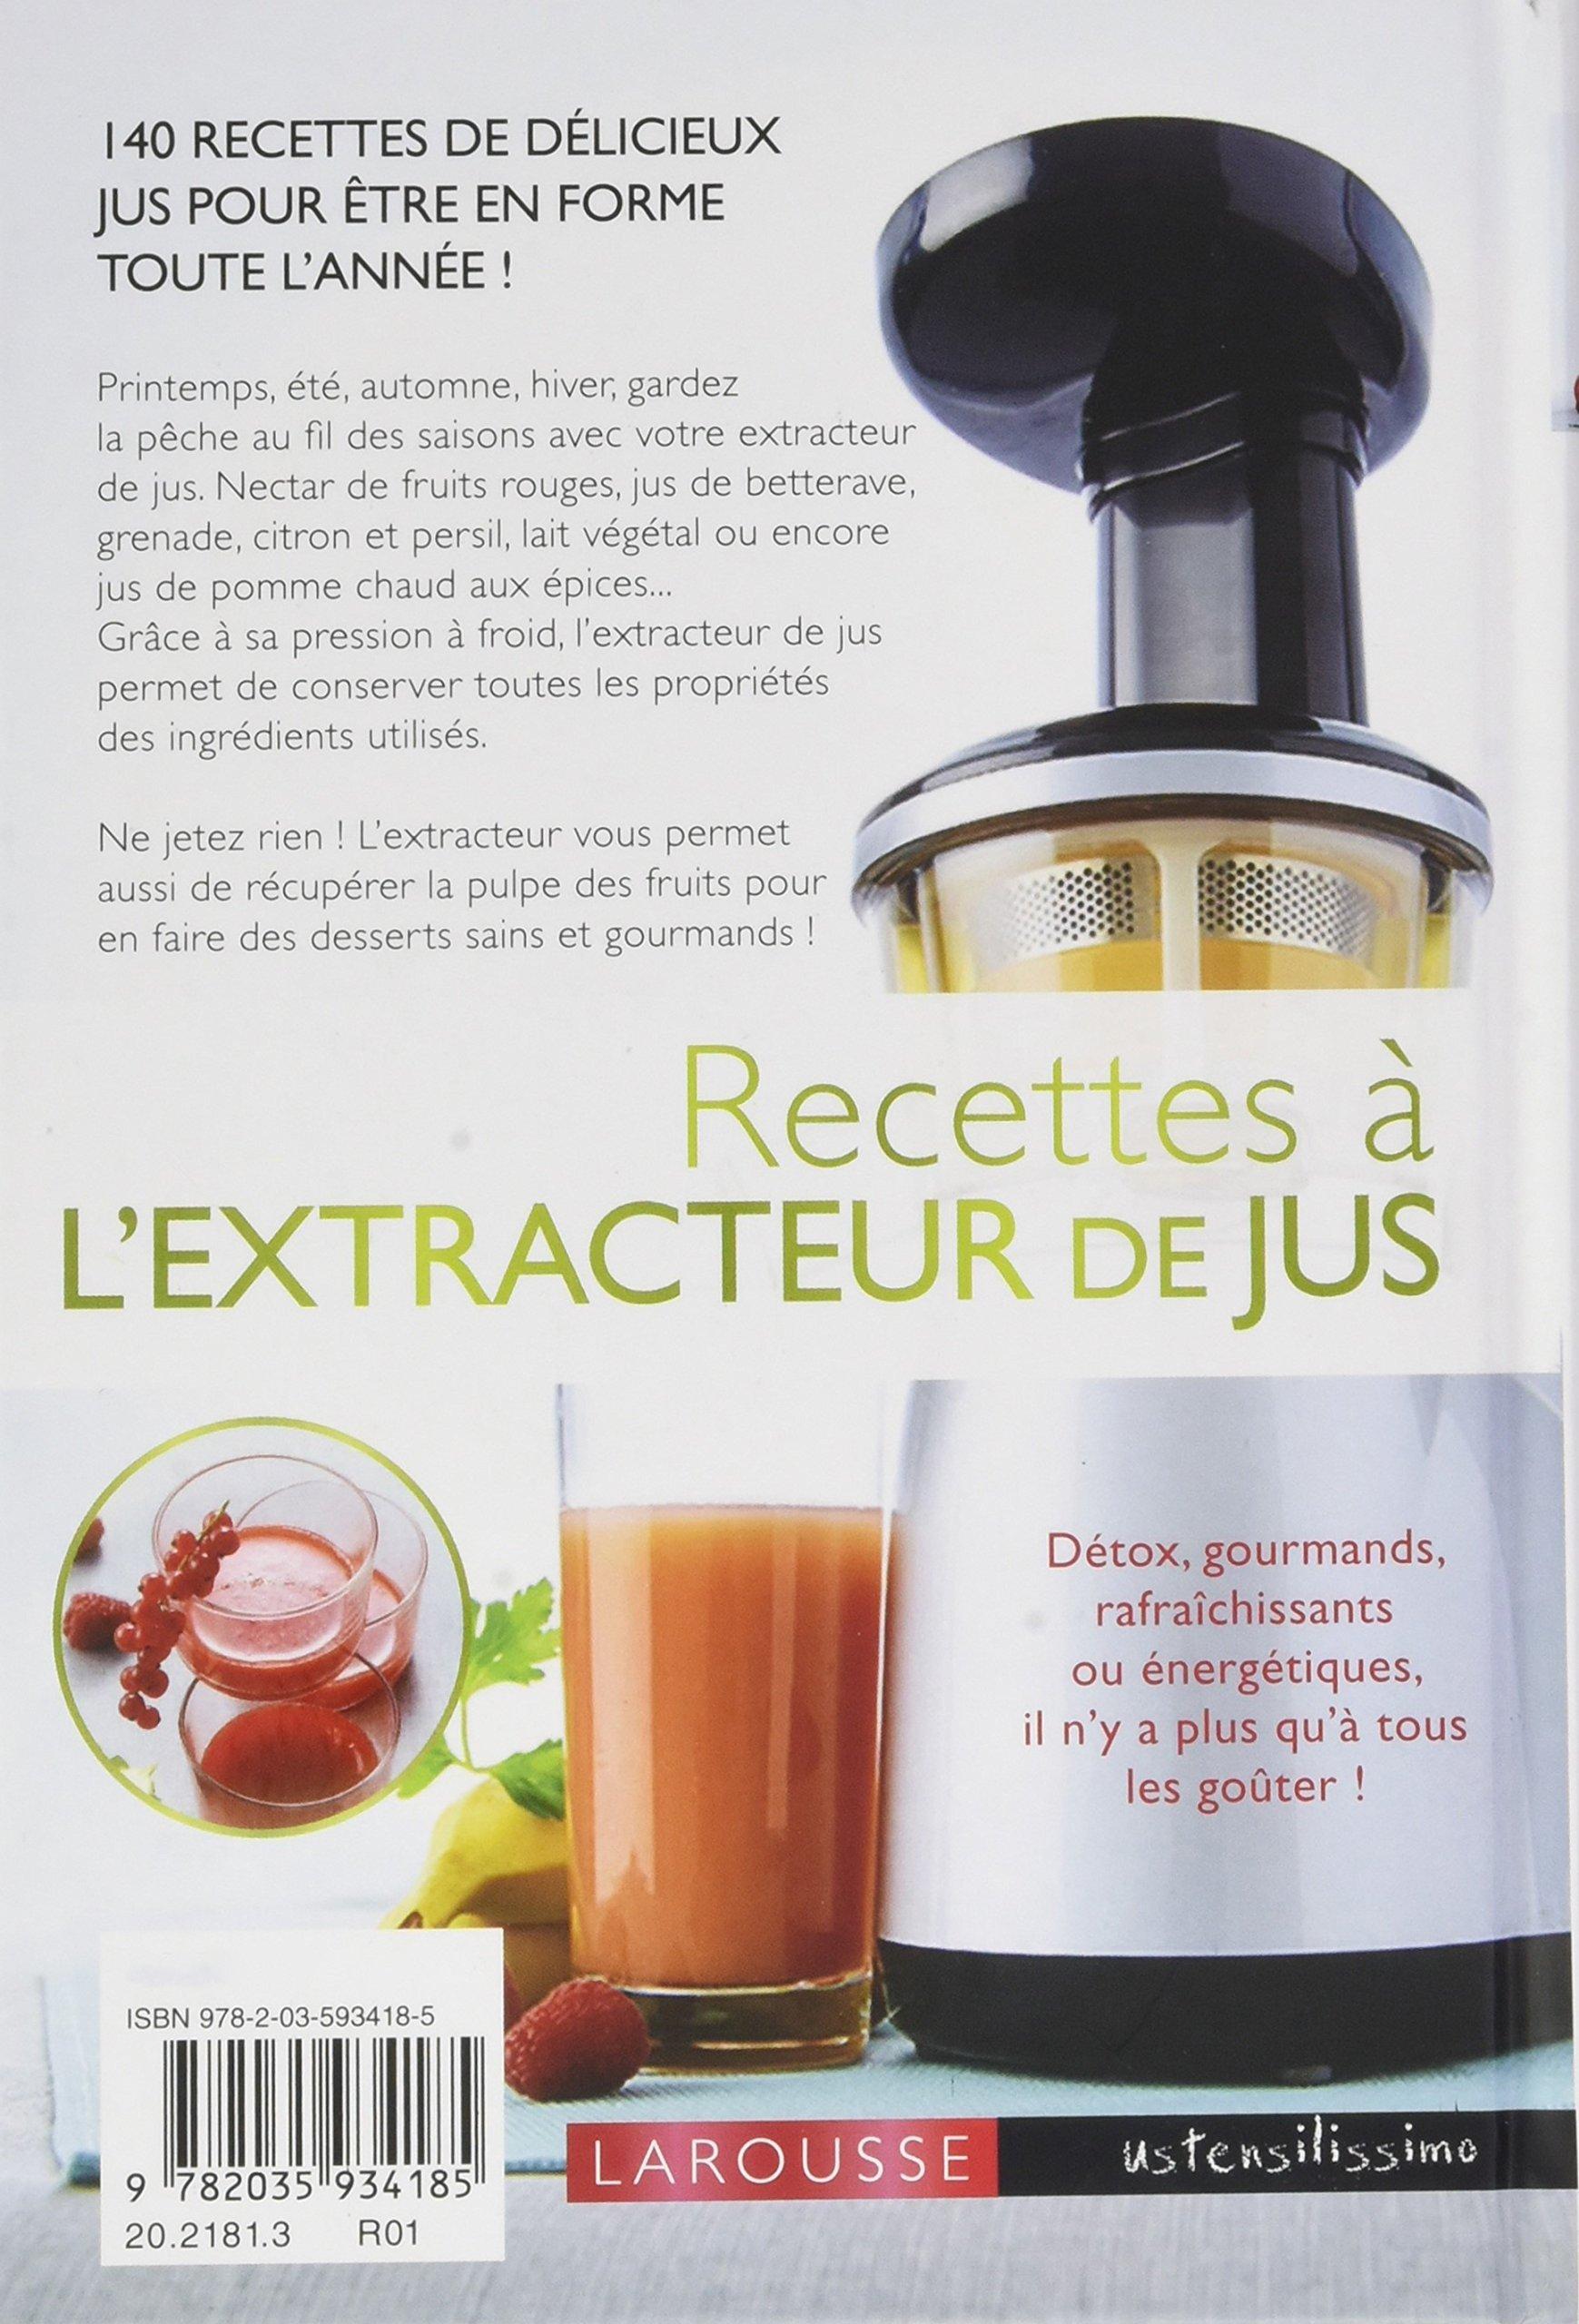 Jus avec extracteur amazing panier with jus avec extracteur cool agrandir de couverture with - Extracteur de jus amazon ...